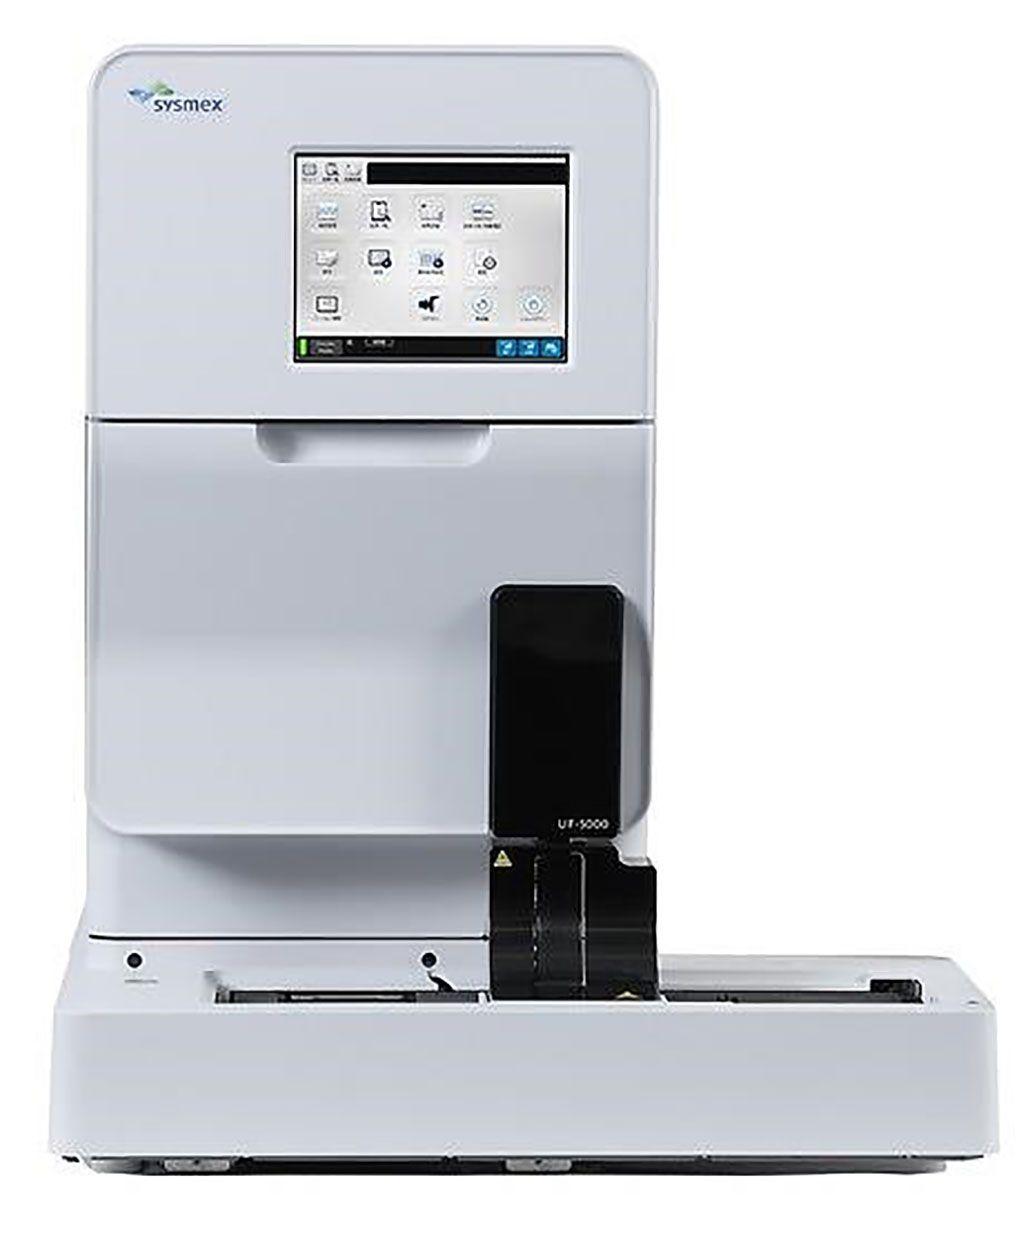 Imagen: El citómetro de flujo totalmente automatizado UF-5000 basado en la reconocida citometría de flujo de fluorescencia (FFC), representa lo último en tecnología para el análisis de orina (Fotografía cortesía de Sysmex Corporation).